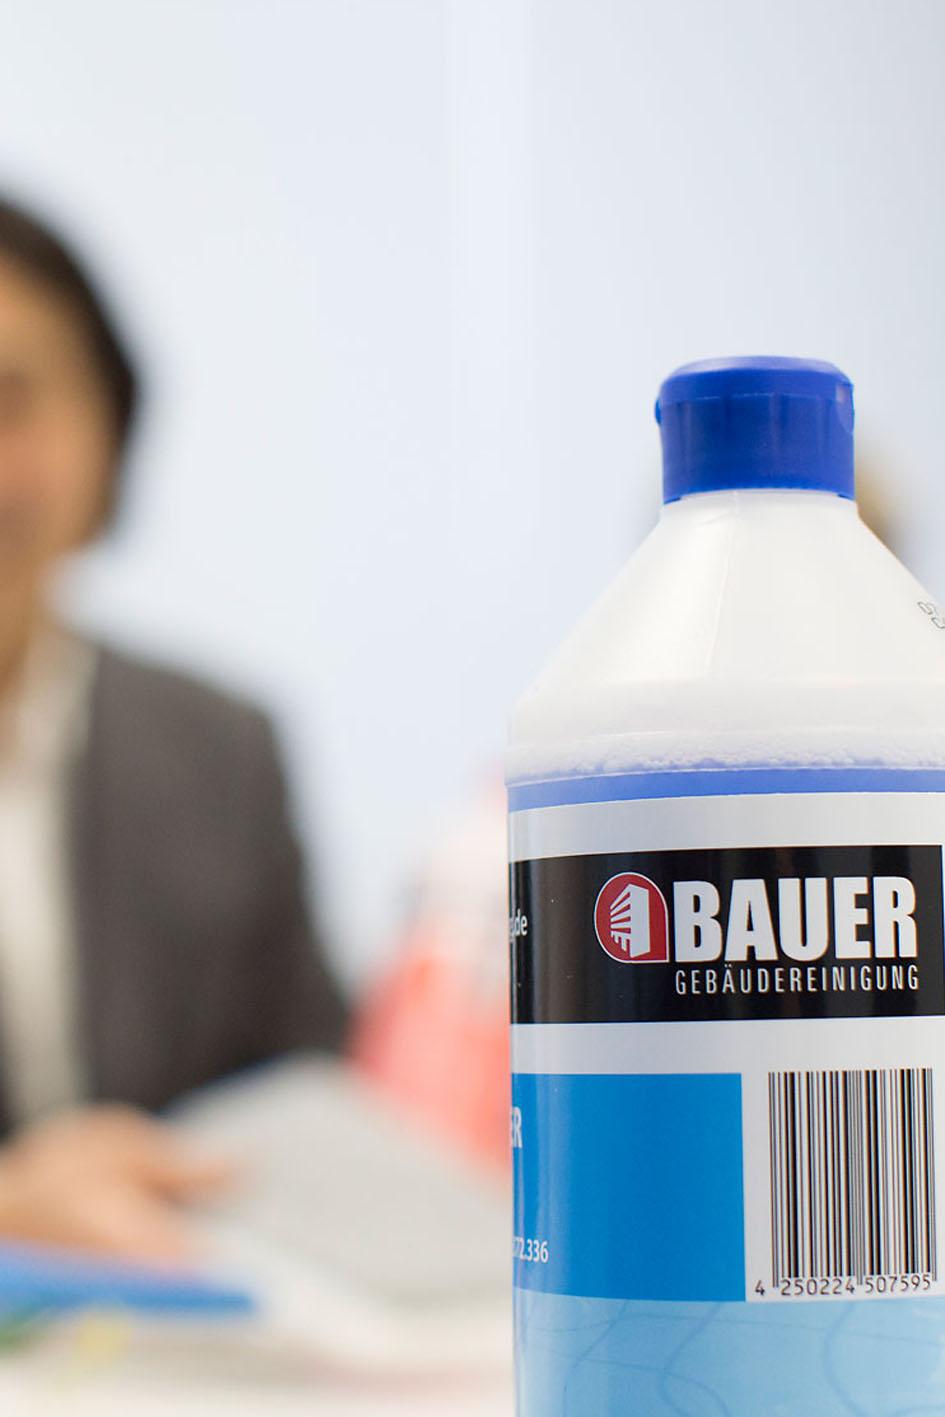 Die Bauer Gebäudereinigung GmbH verwendet umweltverträgliche Reinigungsmittel